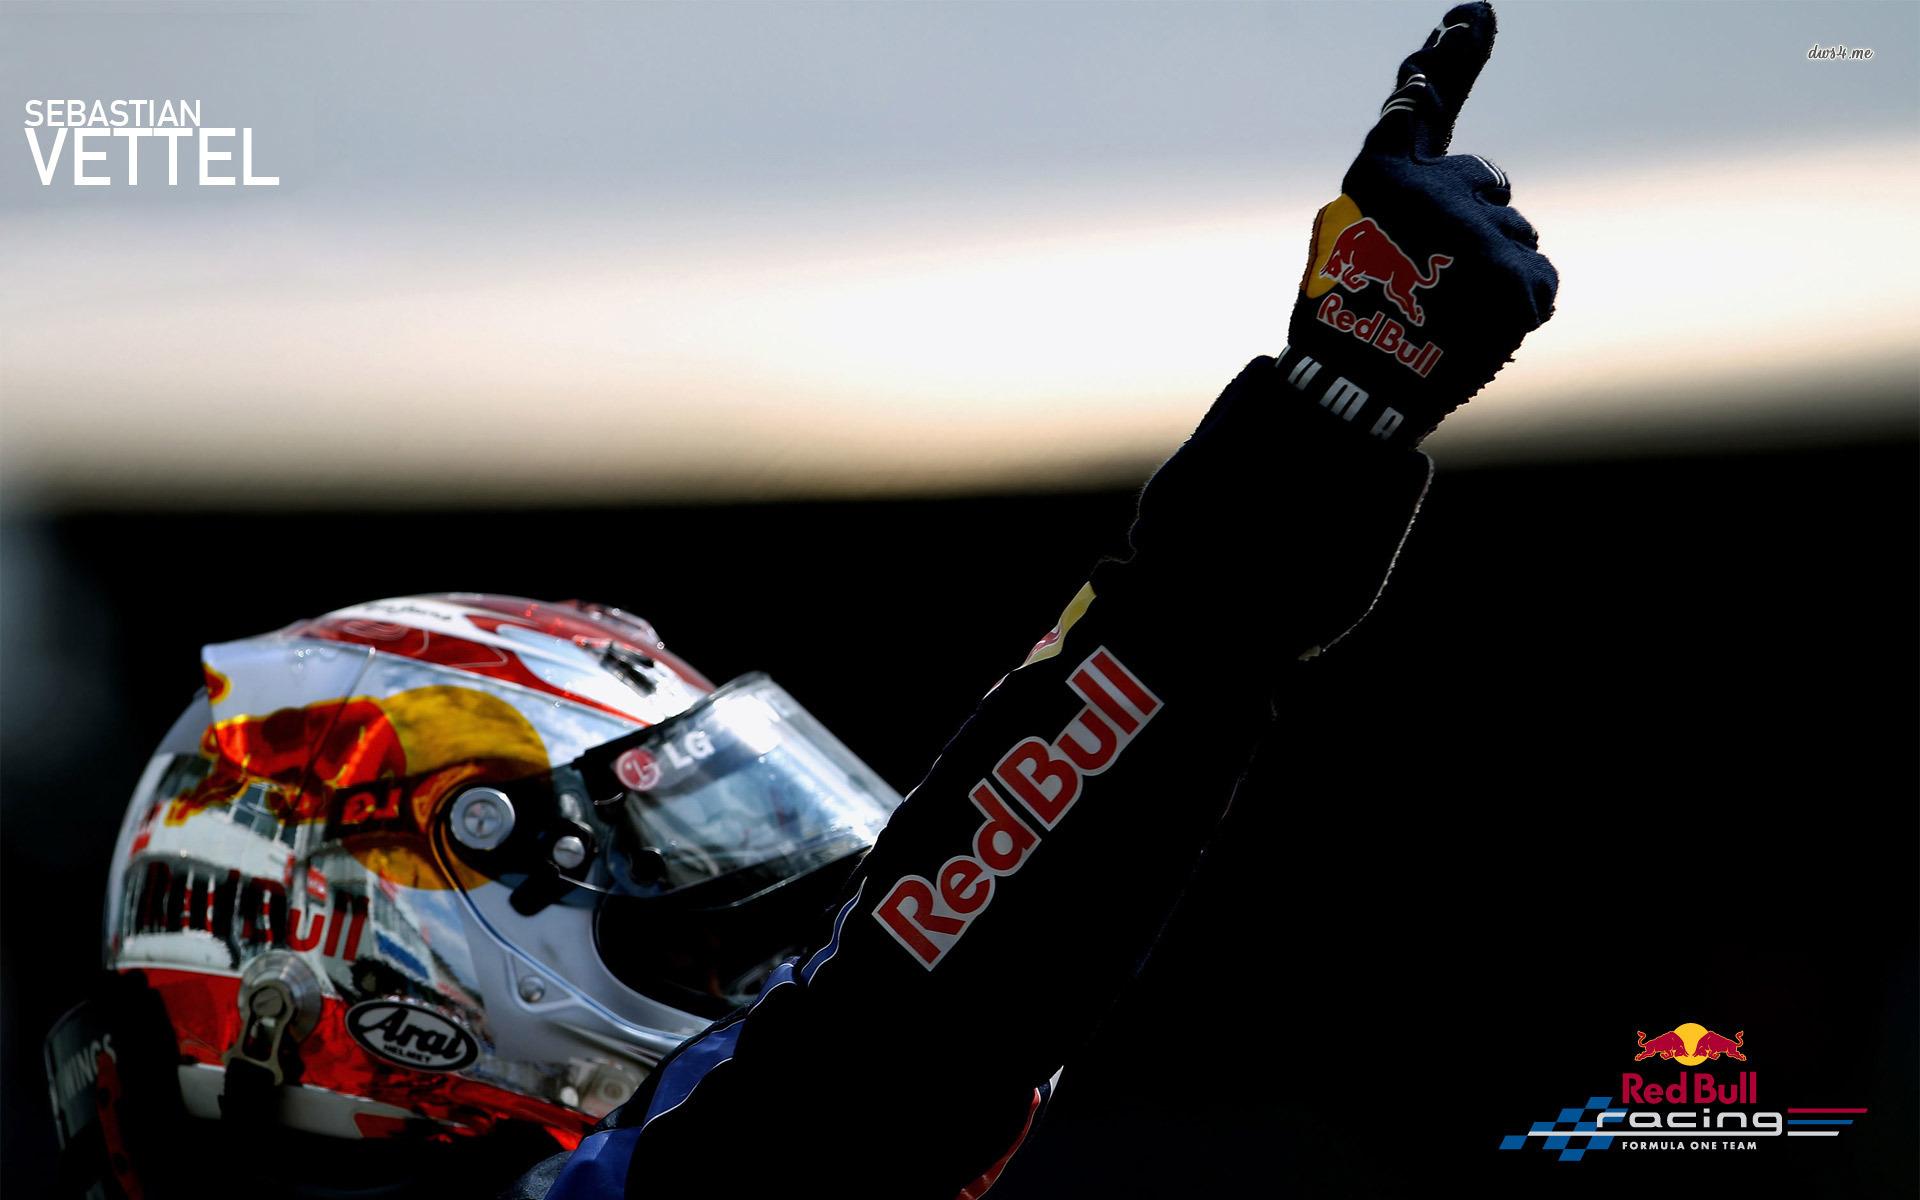 ... Sebastian Vettel wallpaper 1920x1200 ...